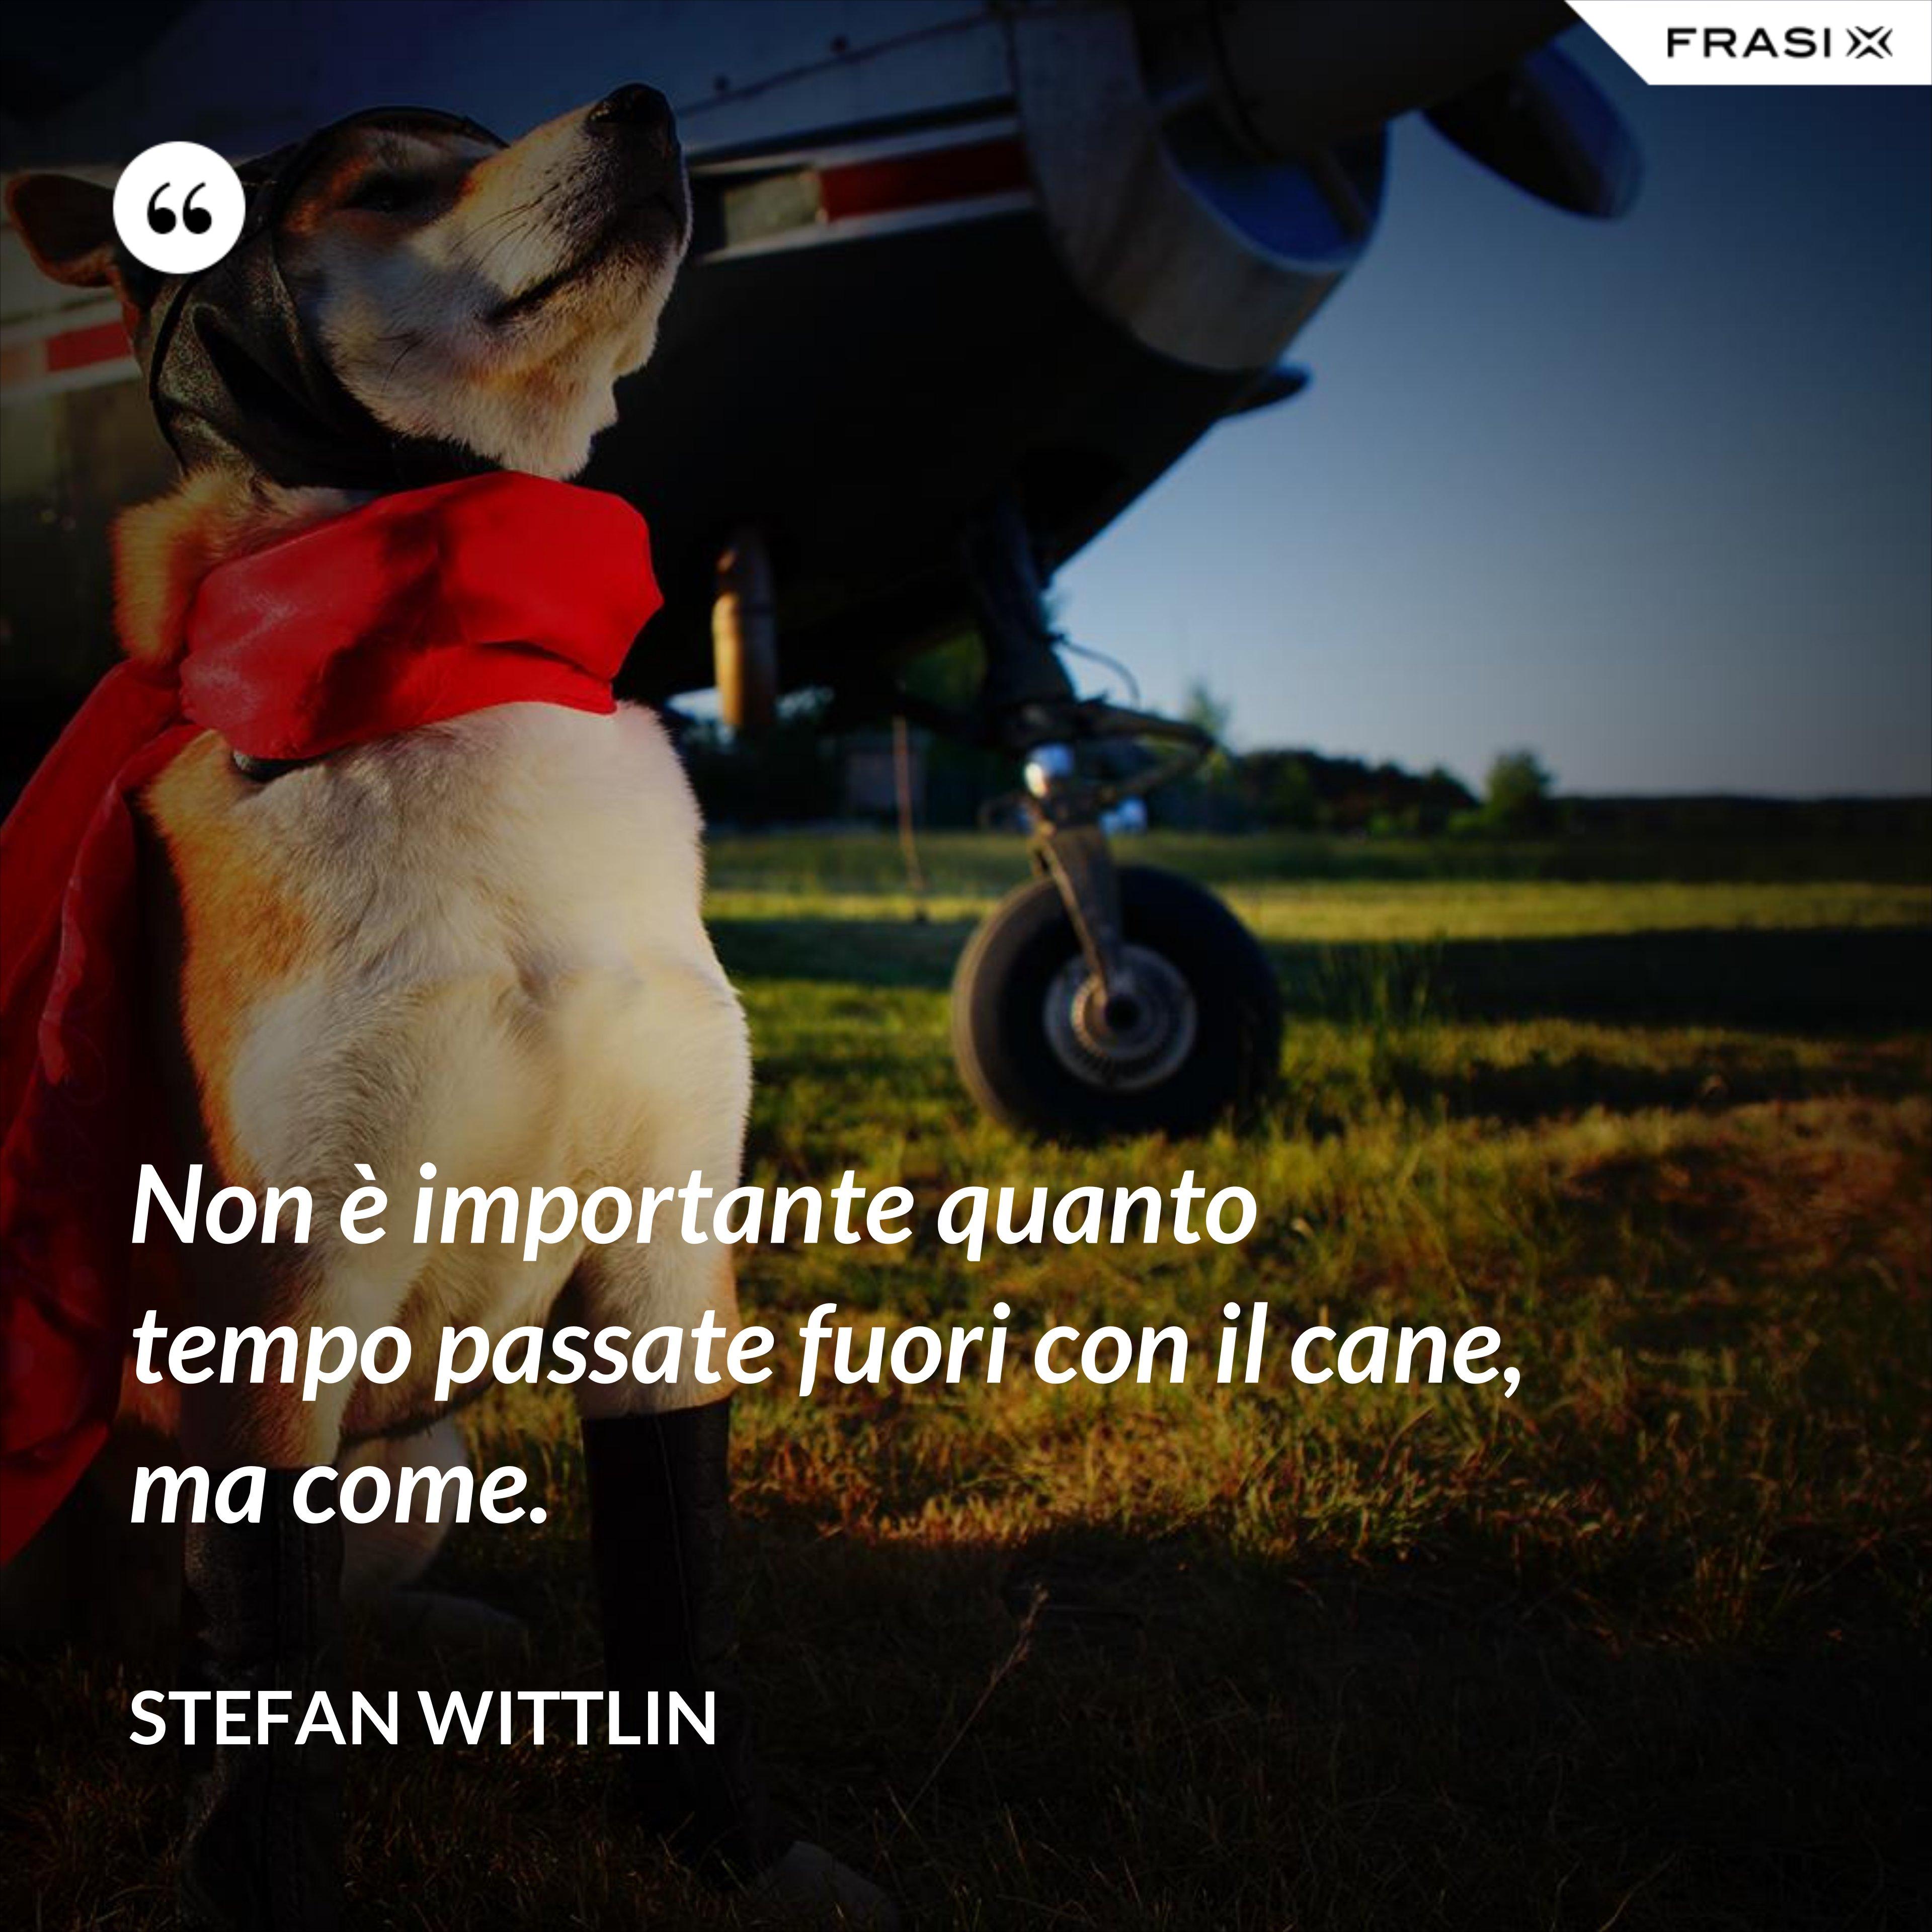 Non è importante quanto tempo passate fuori con il cane, ma come. - Stefan Wittlin